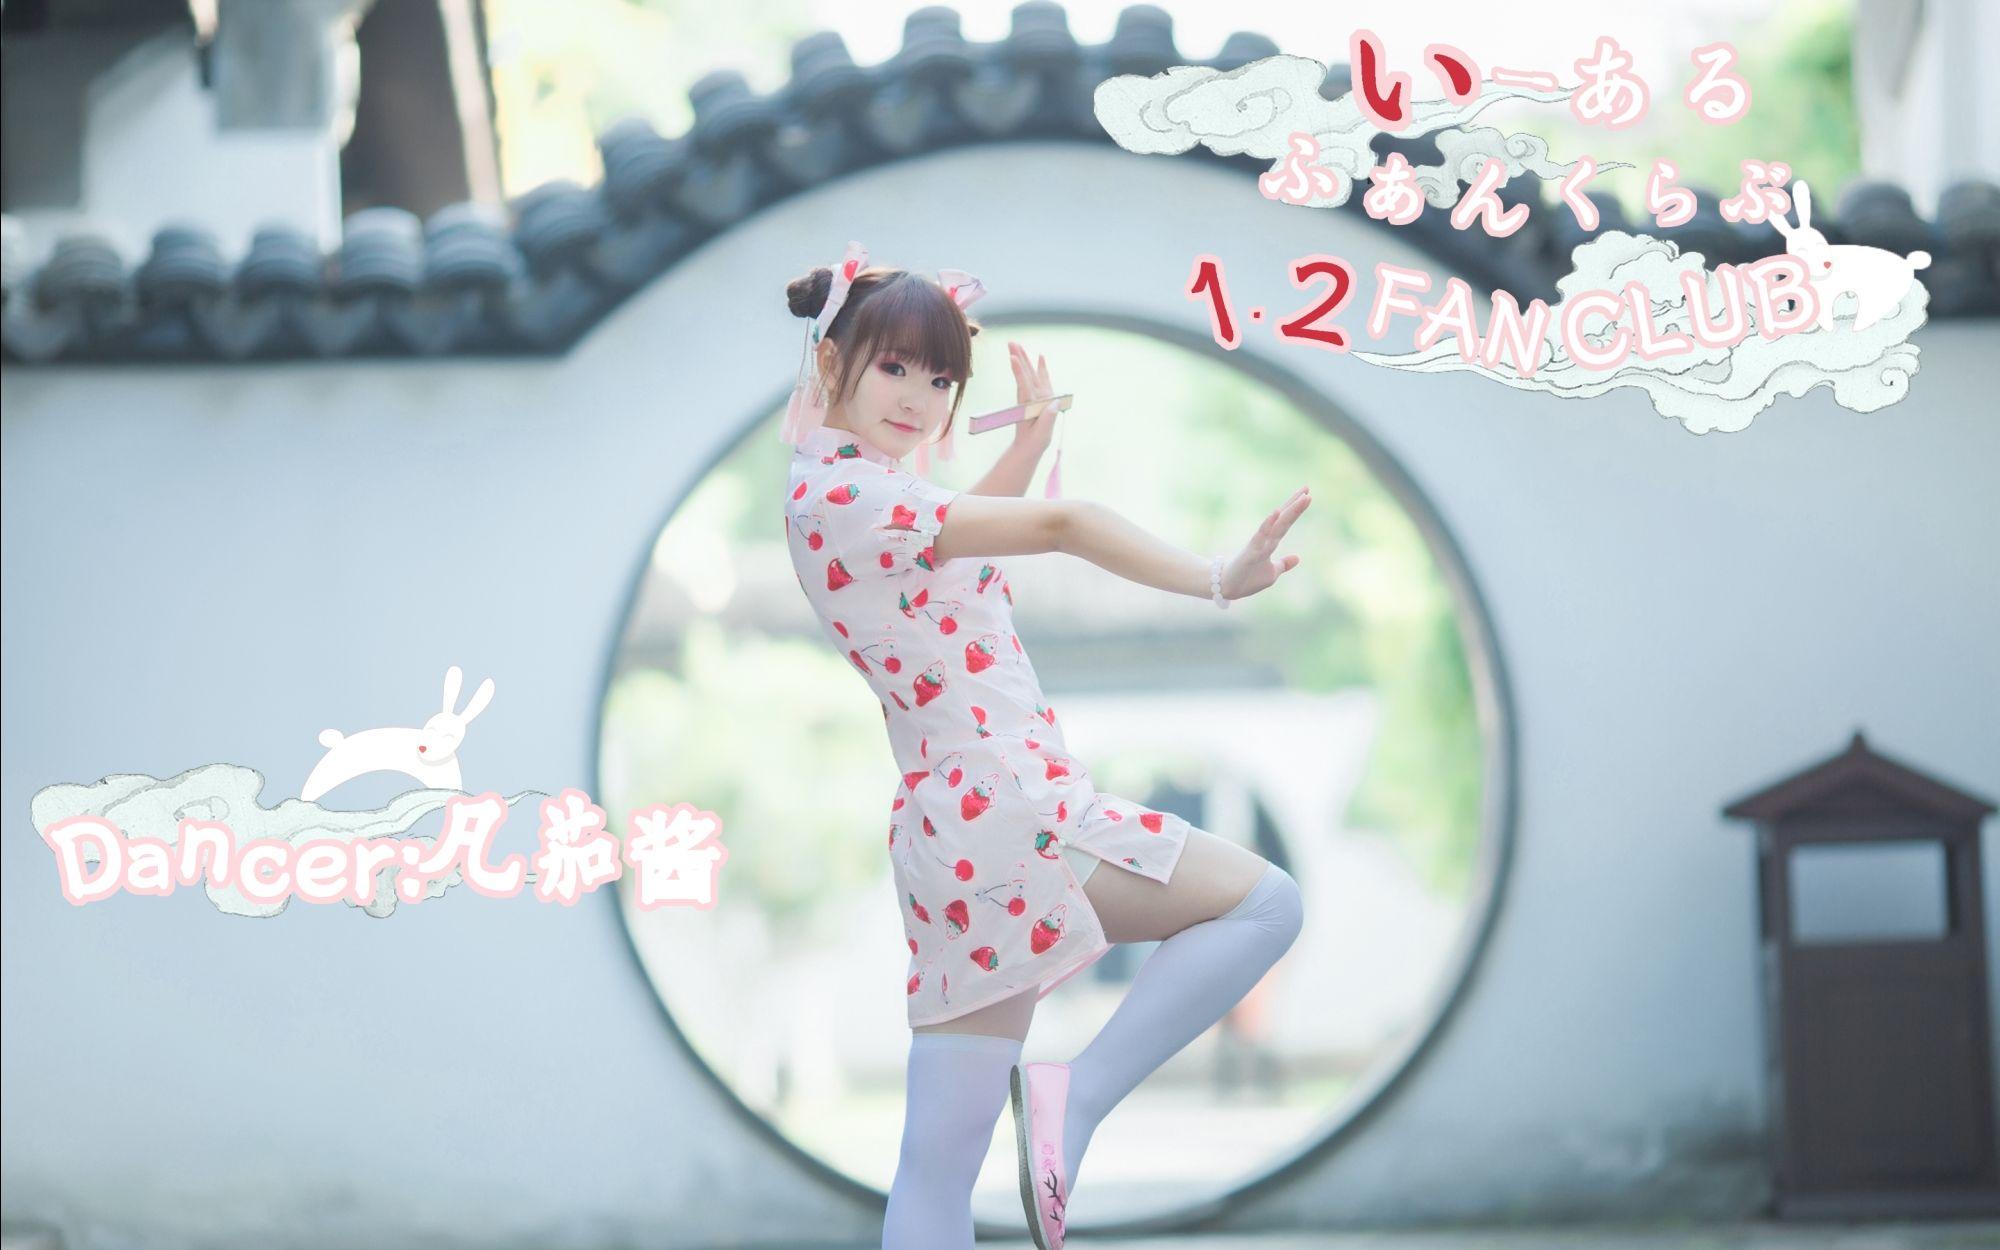 【凡茄酱】《12 FAN CLUB》【元宵节快乐!】(